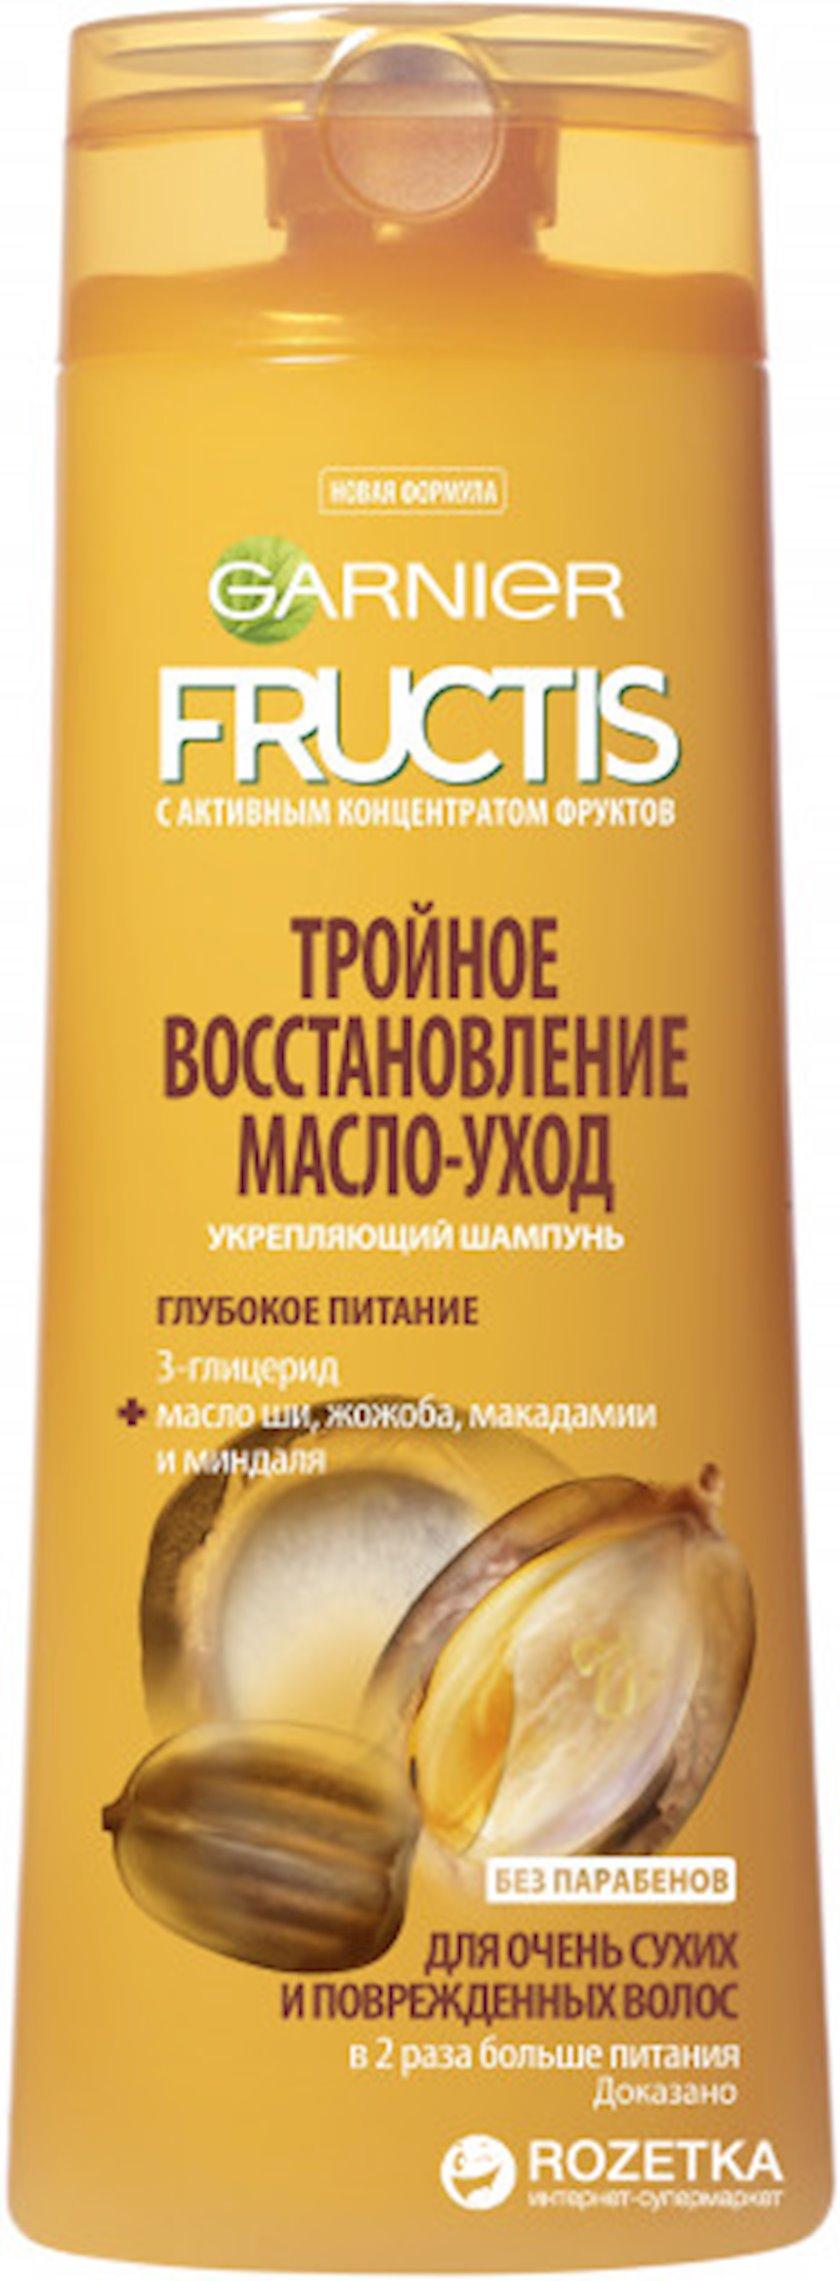 Şampun quru və zədələnmiş saçlar üçün üçqat bərpa, qulluq Fructis Garnier 200 ml